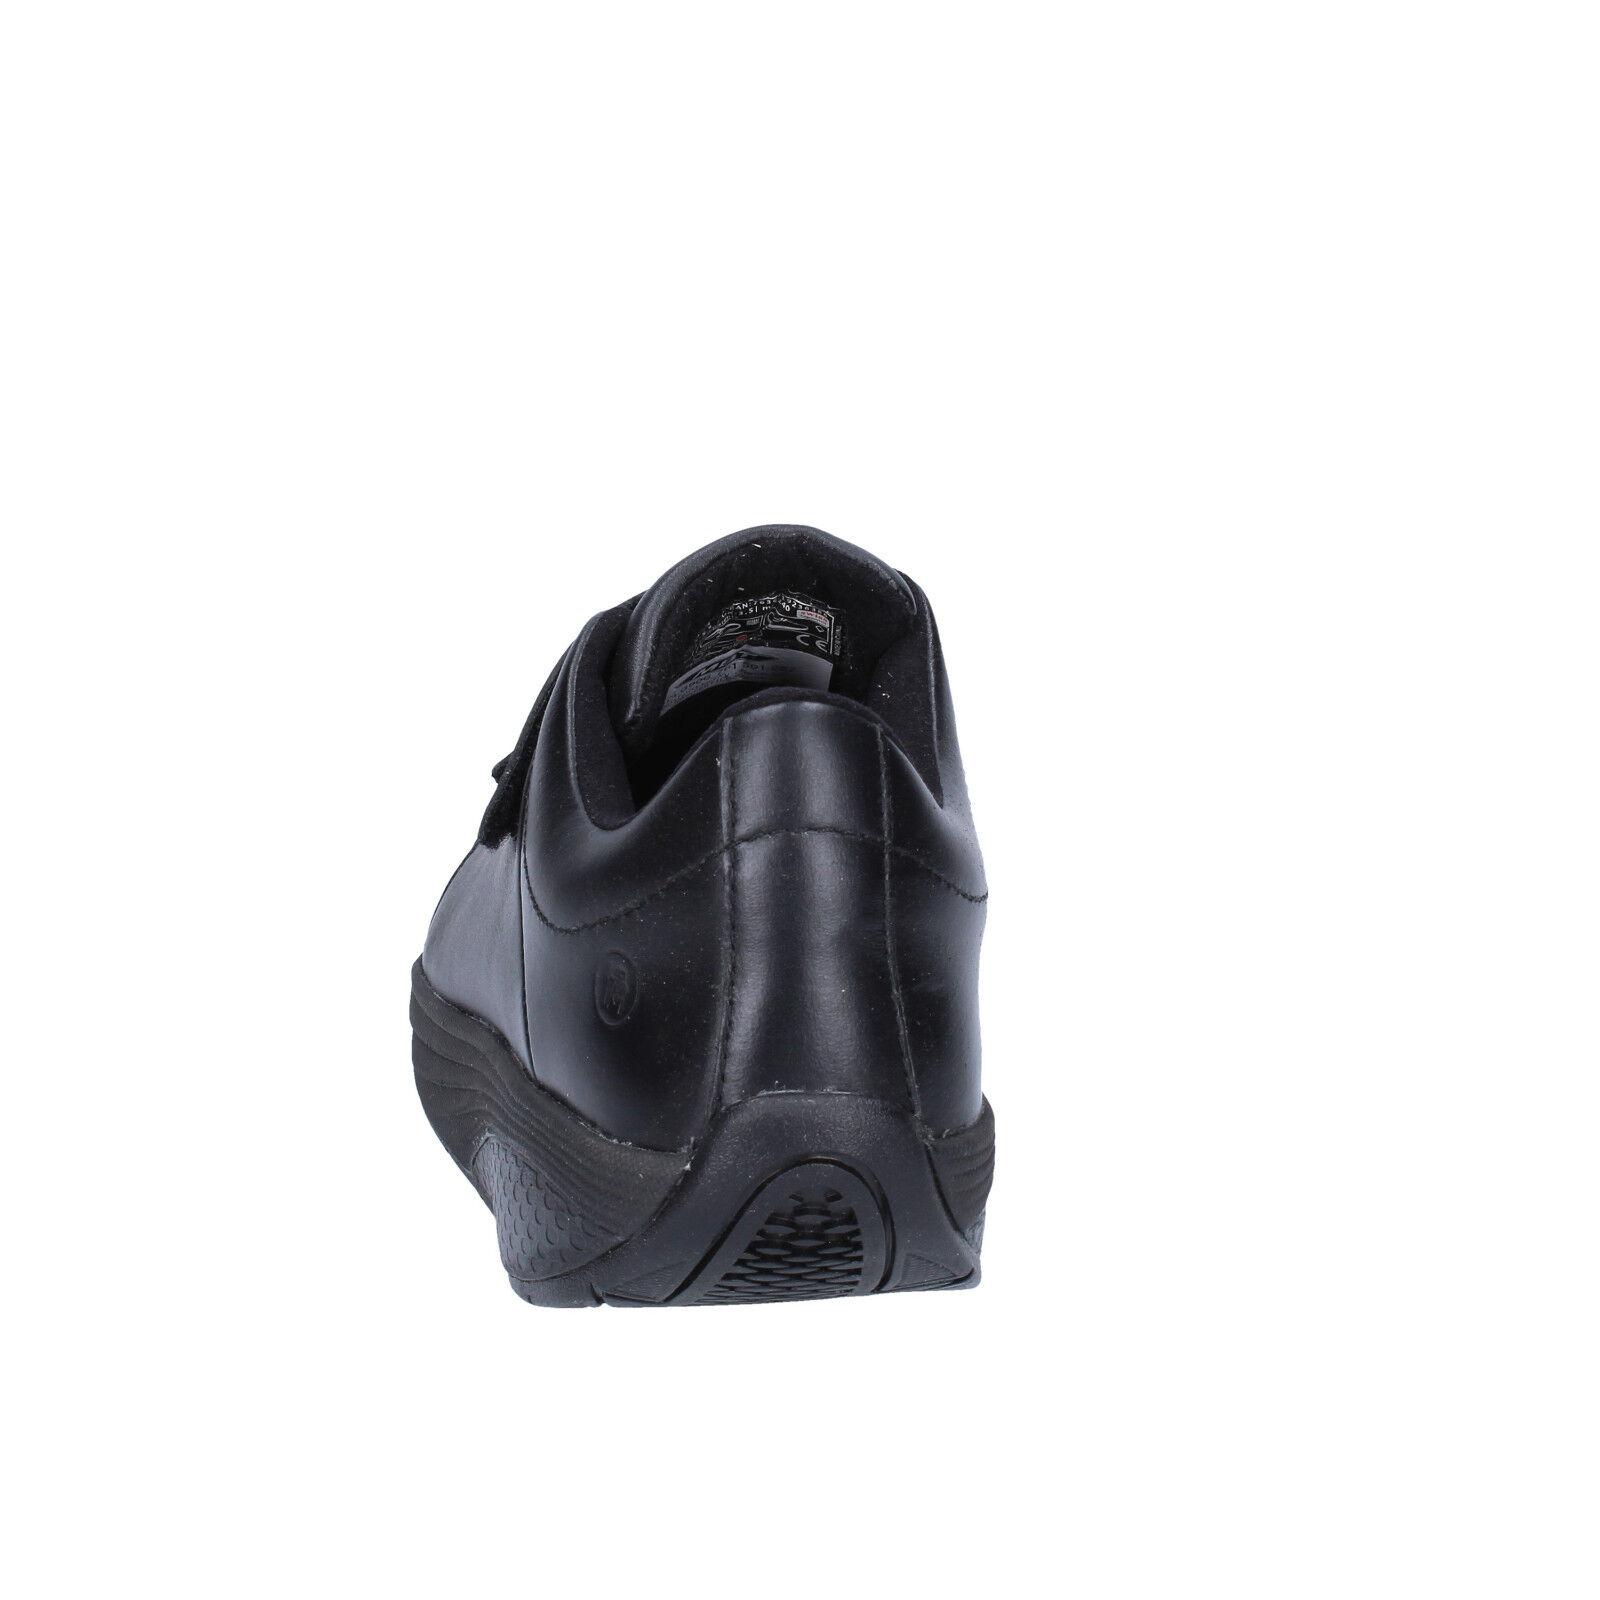 Woherren Woherren Woherren schuhe MBT 5   5,5 (EU 36) Turnschuhe schwarz leather performance BT192-36 b62e9f